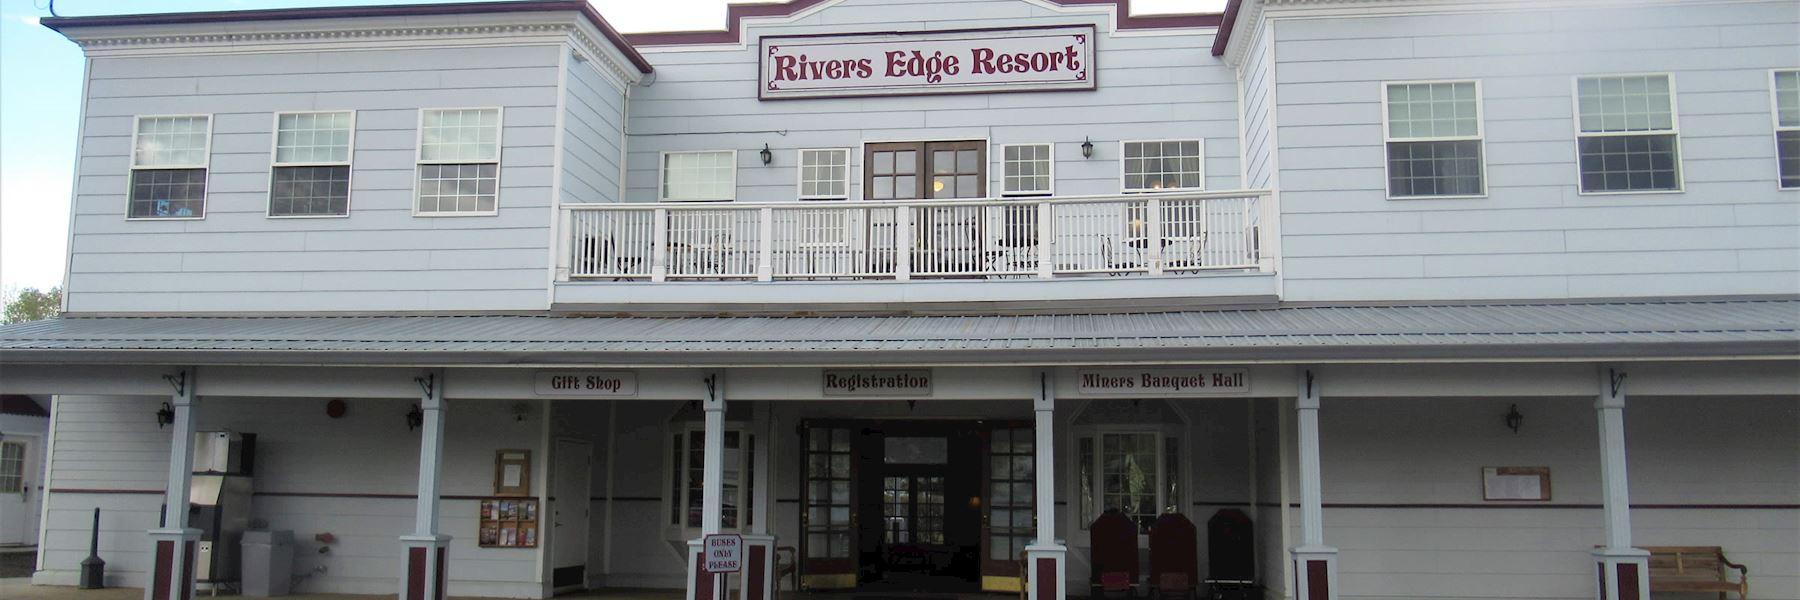 Rivers Edge Resort